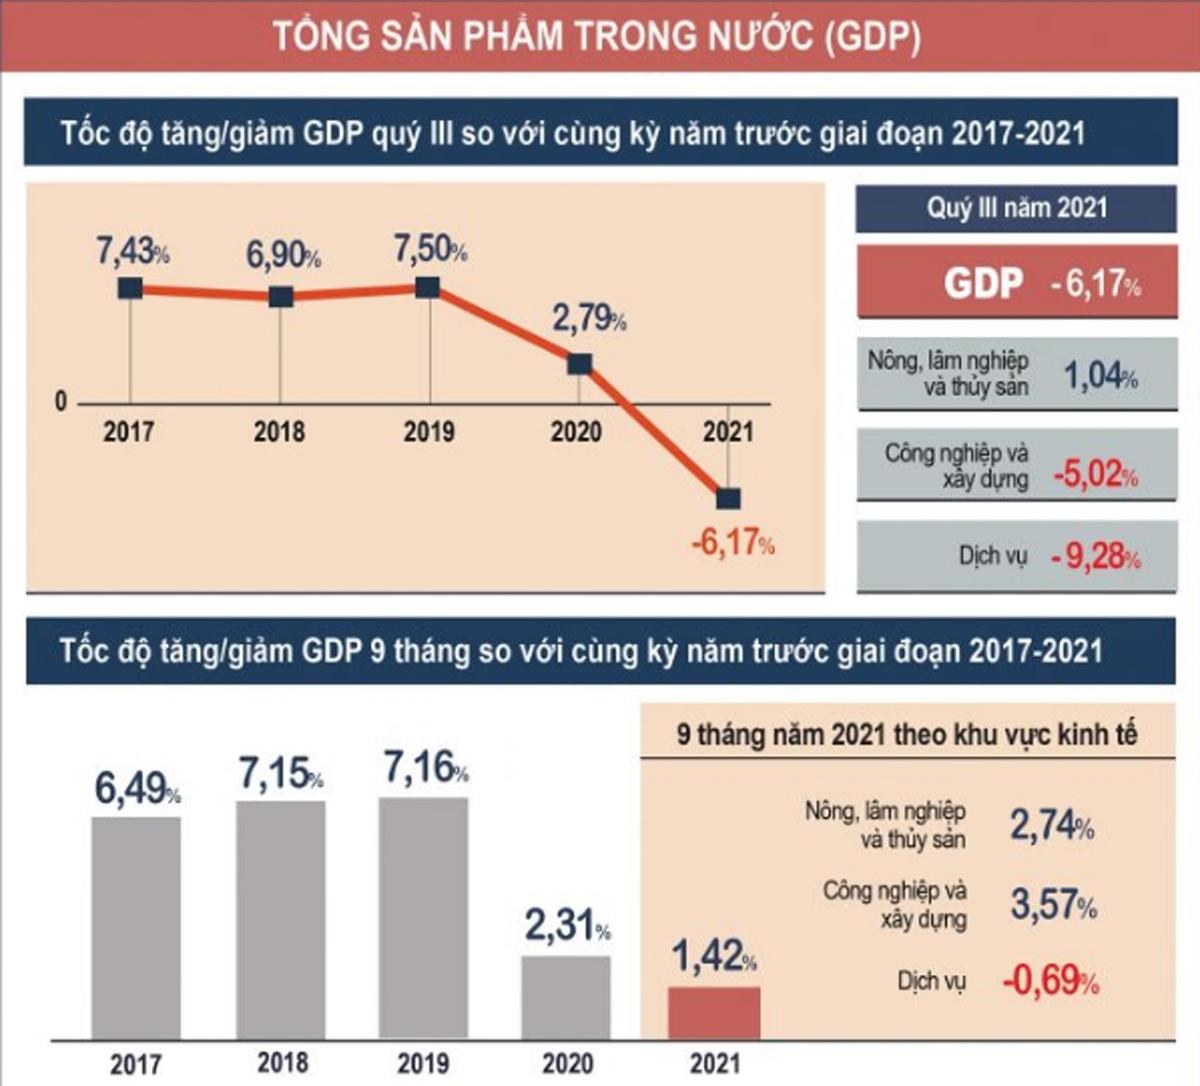 (Nguồn: Tổng cục Thống kê, Bộ Kế hoạch và Đầu tư)